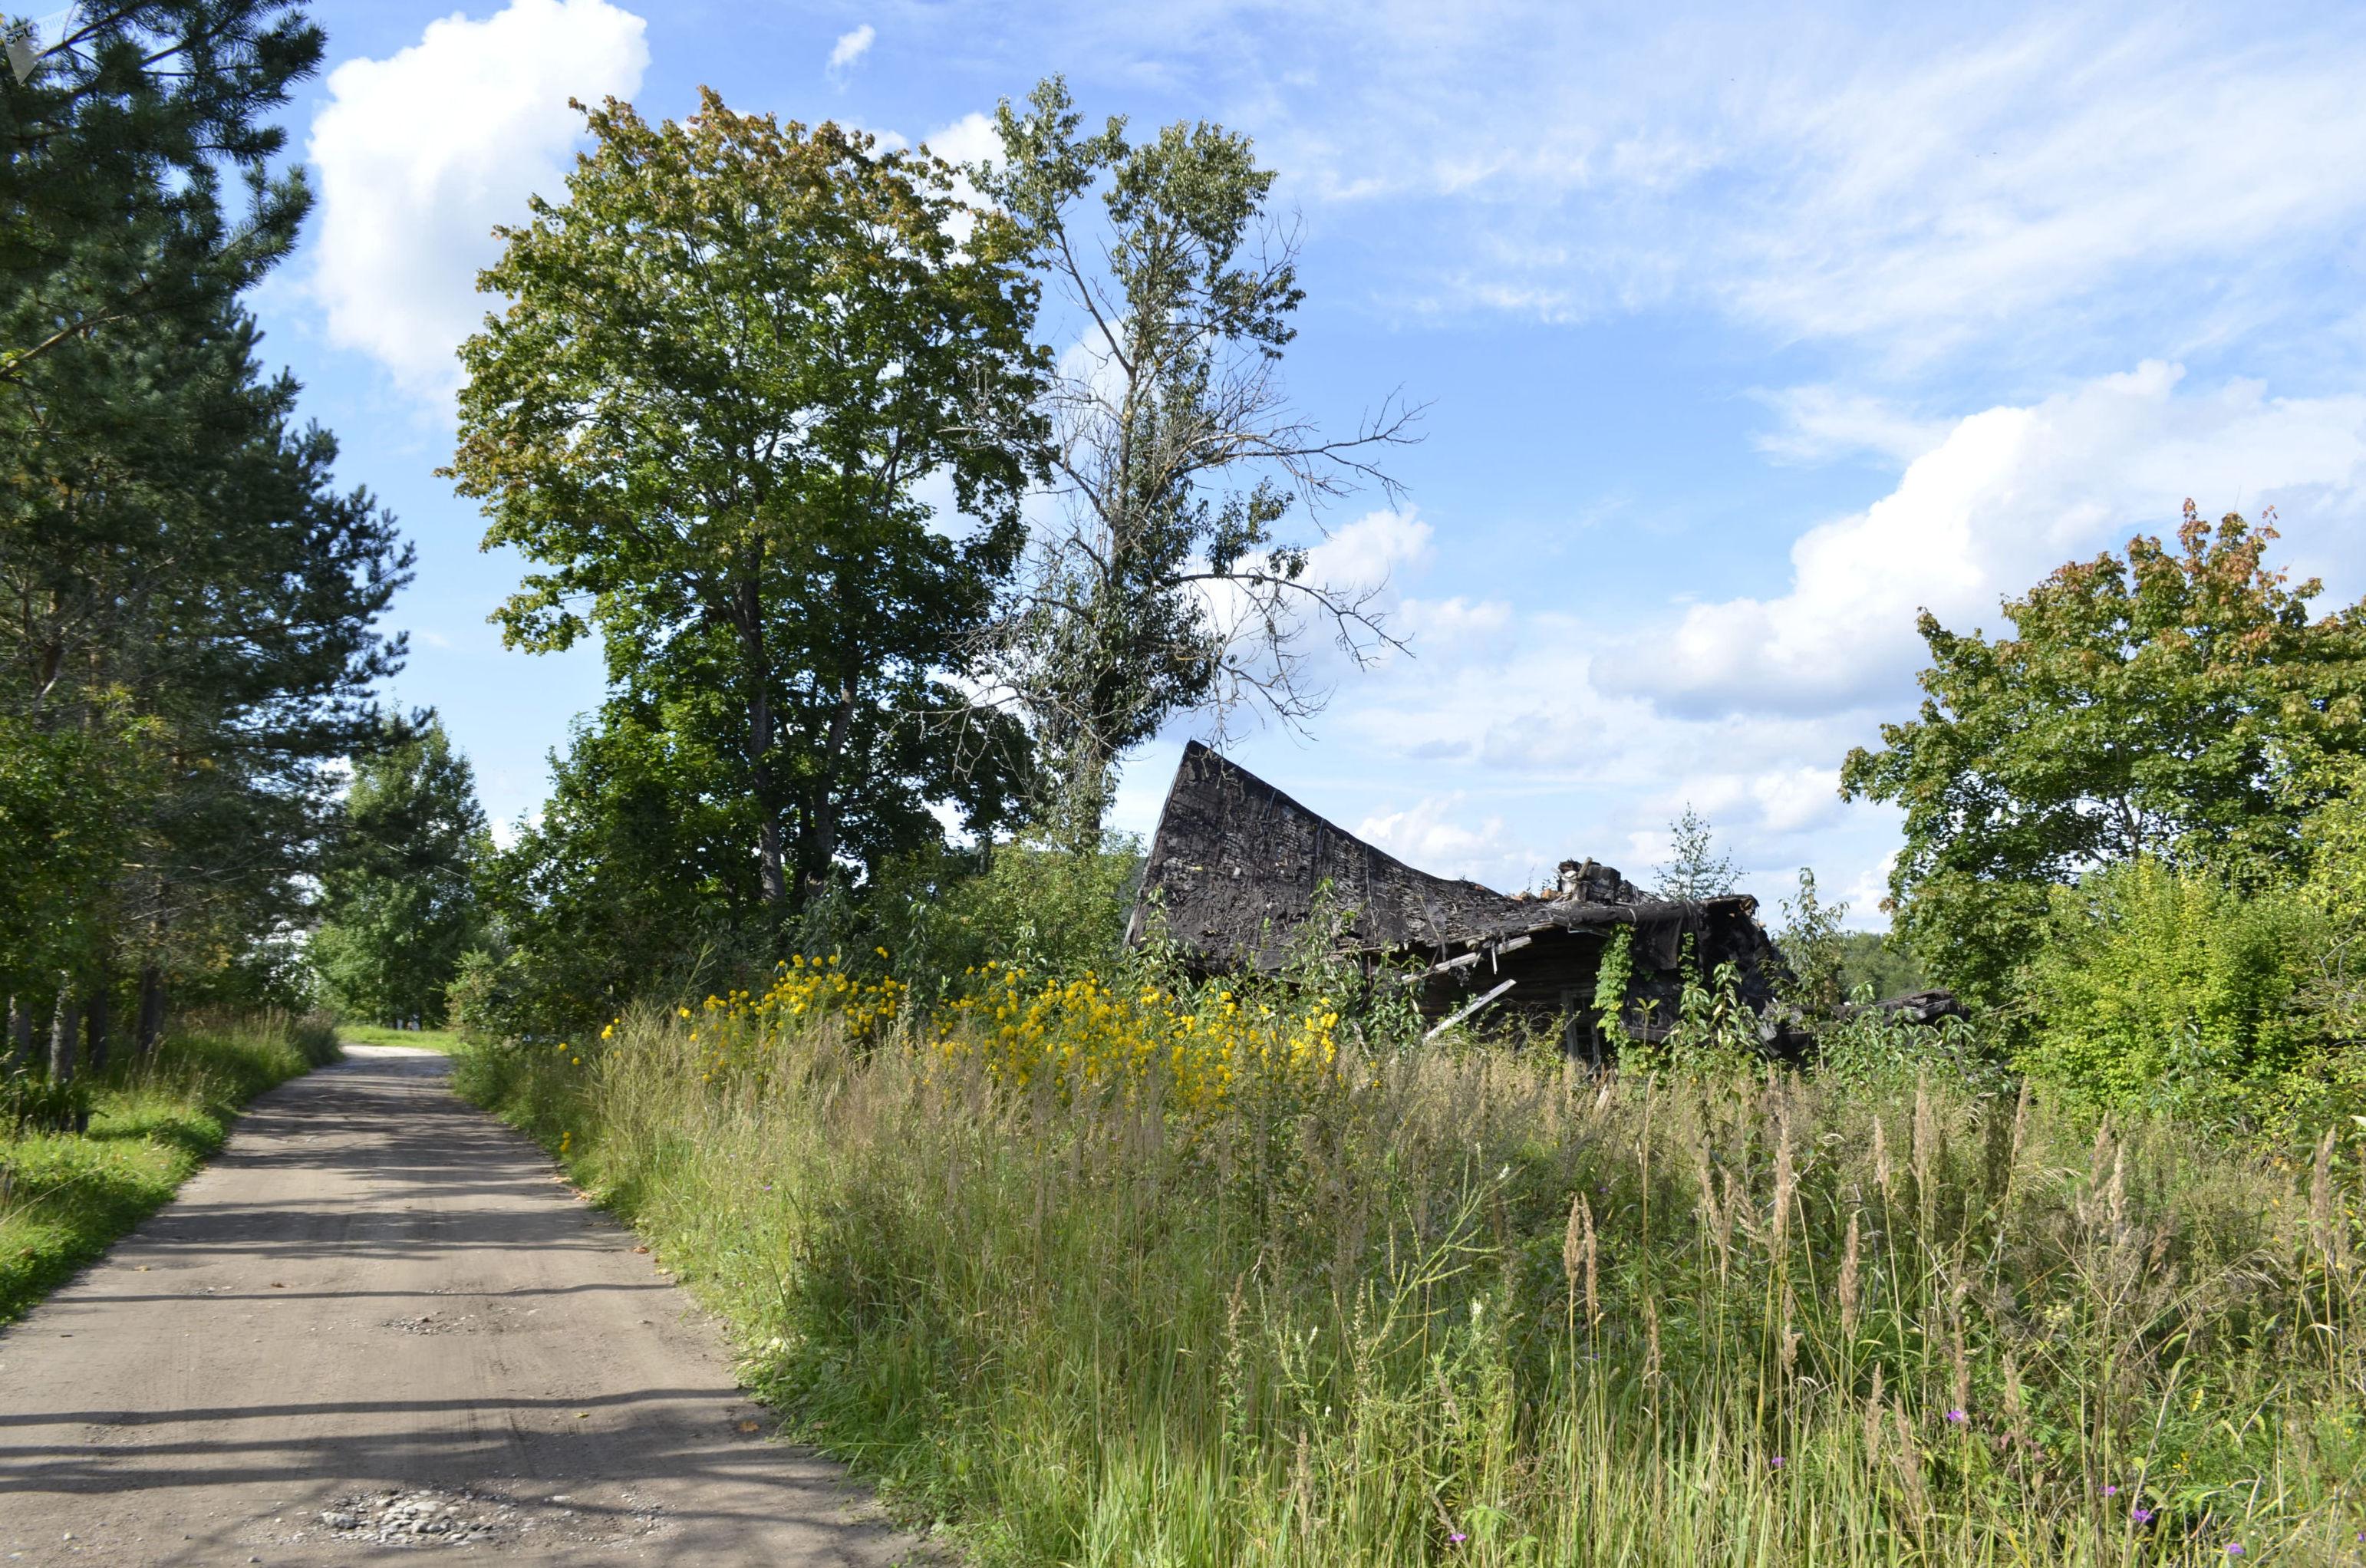 La casa donde se encontraba la sede de los represores pronazis letones